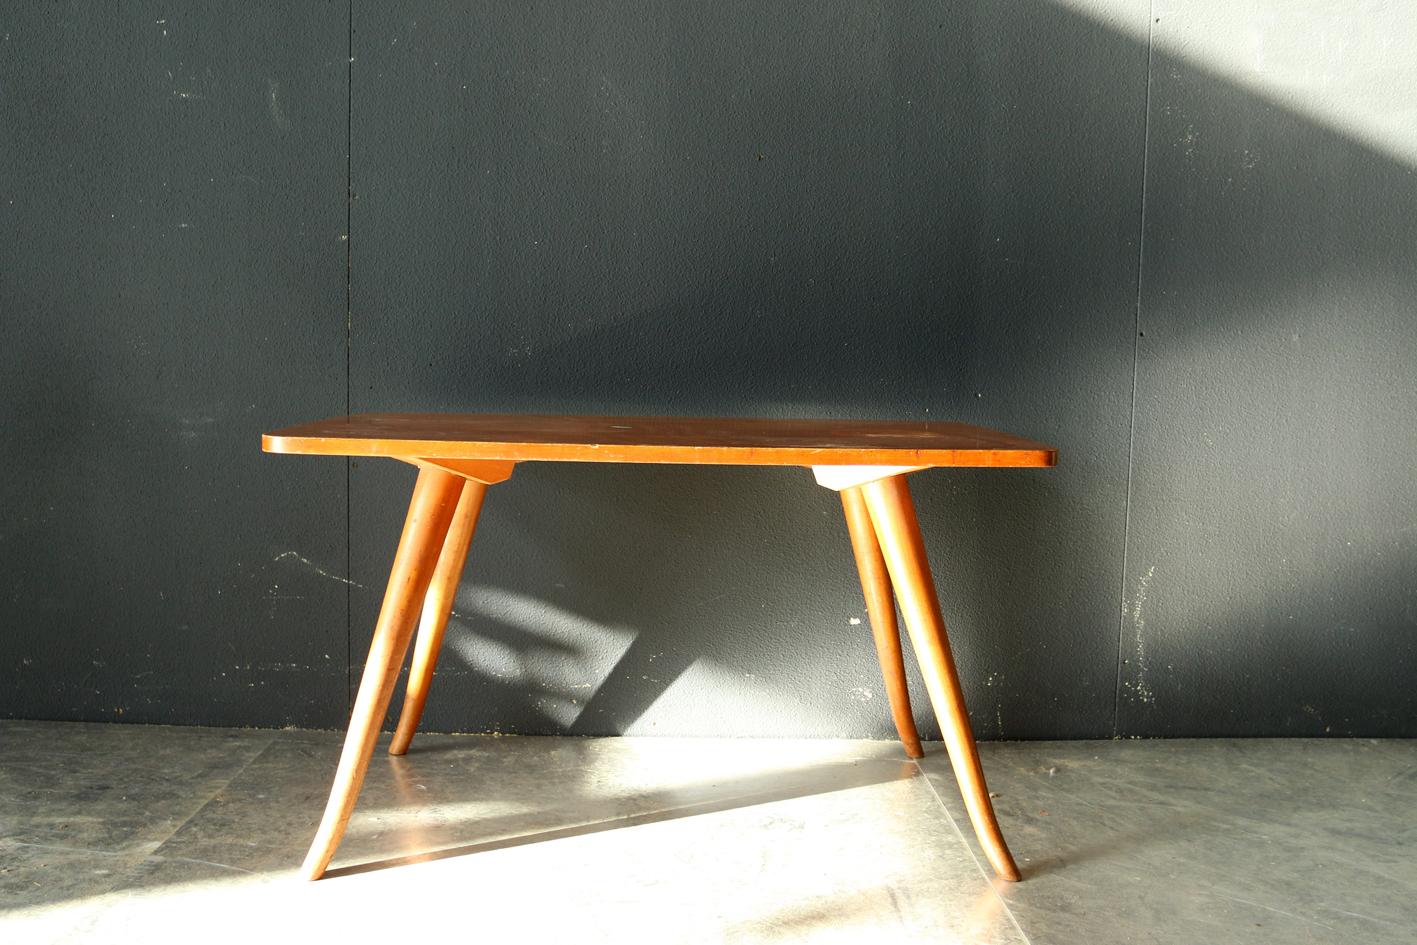 Retro vintage salontafel met bijzondere vorm pootjes 60 dehuiszwaluw - Tafel een italien kribbe ontwerp ...